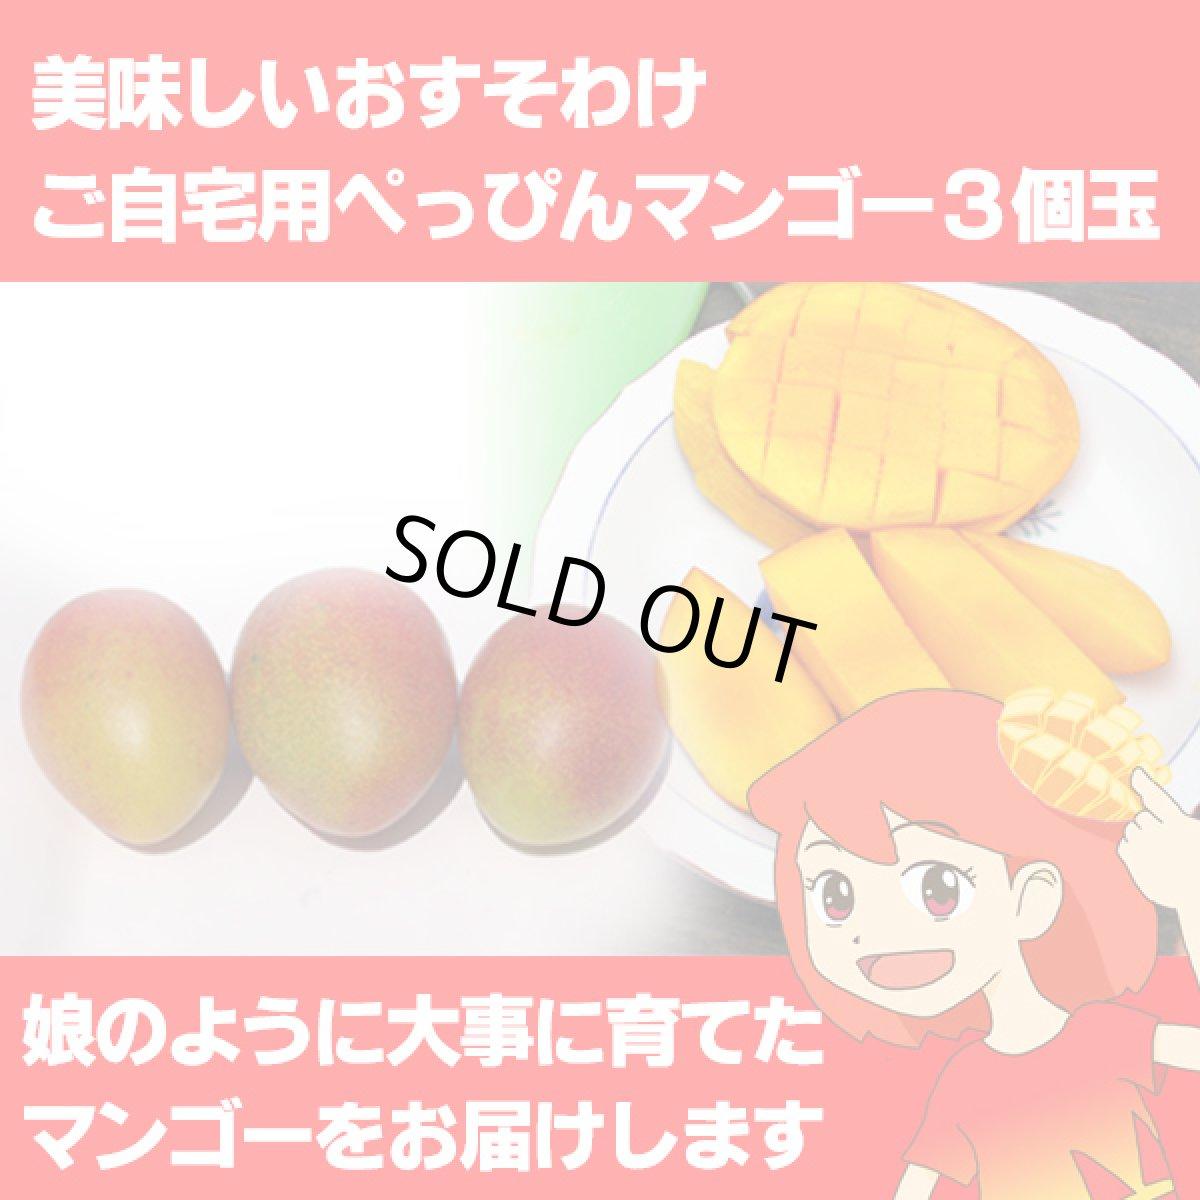 画像1: 美味しいおすそわけ ご自宅用ぺっぴんマンゴー3個玉 (1)